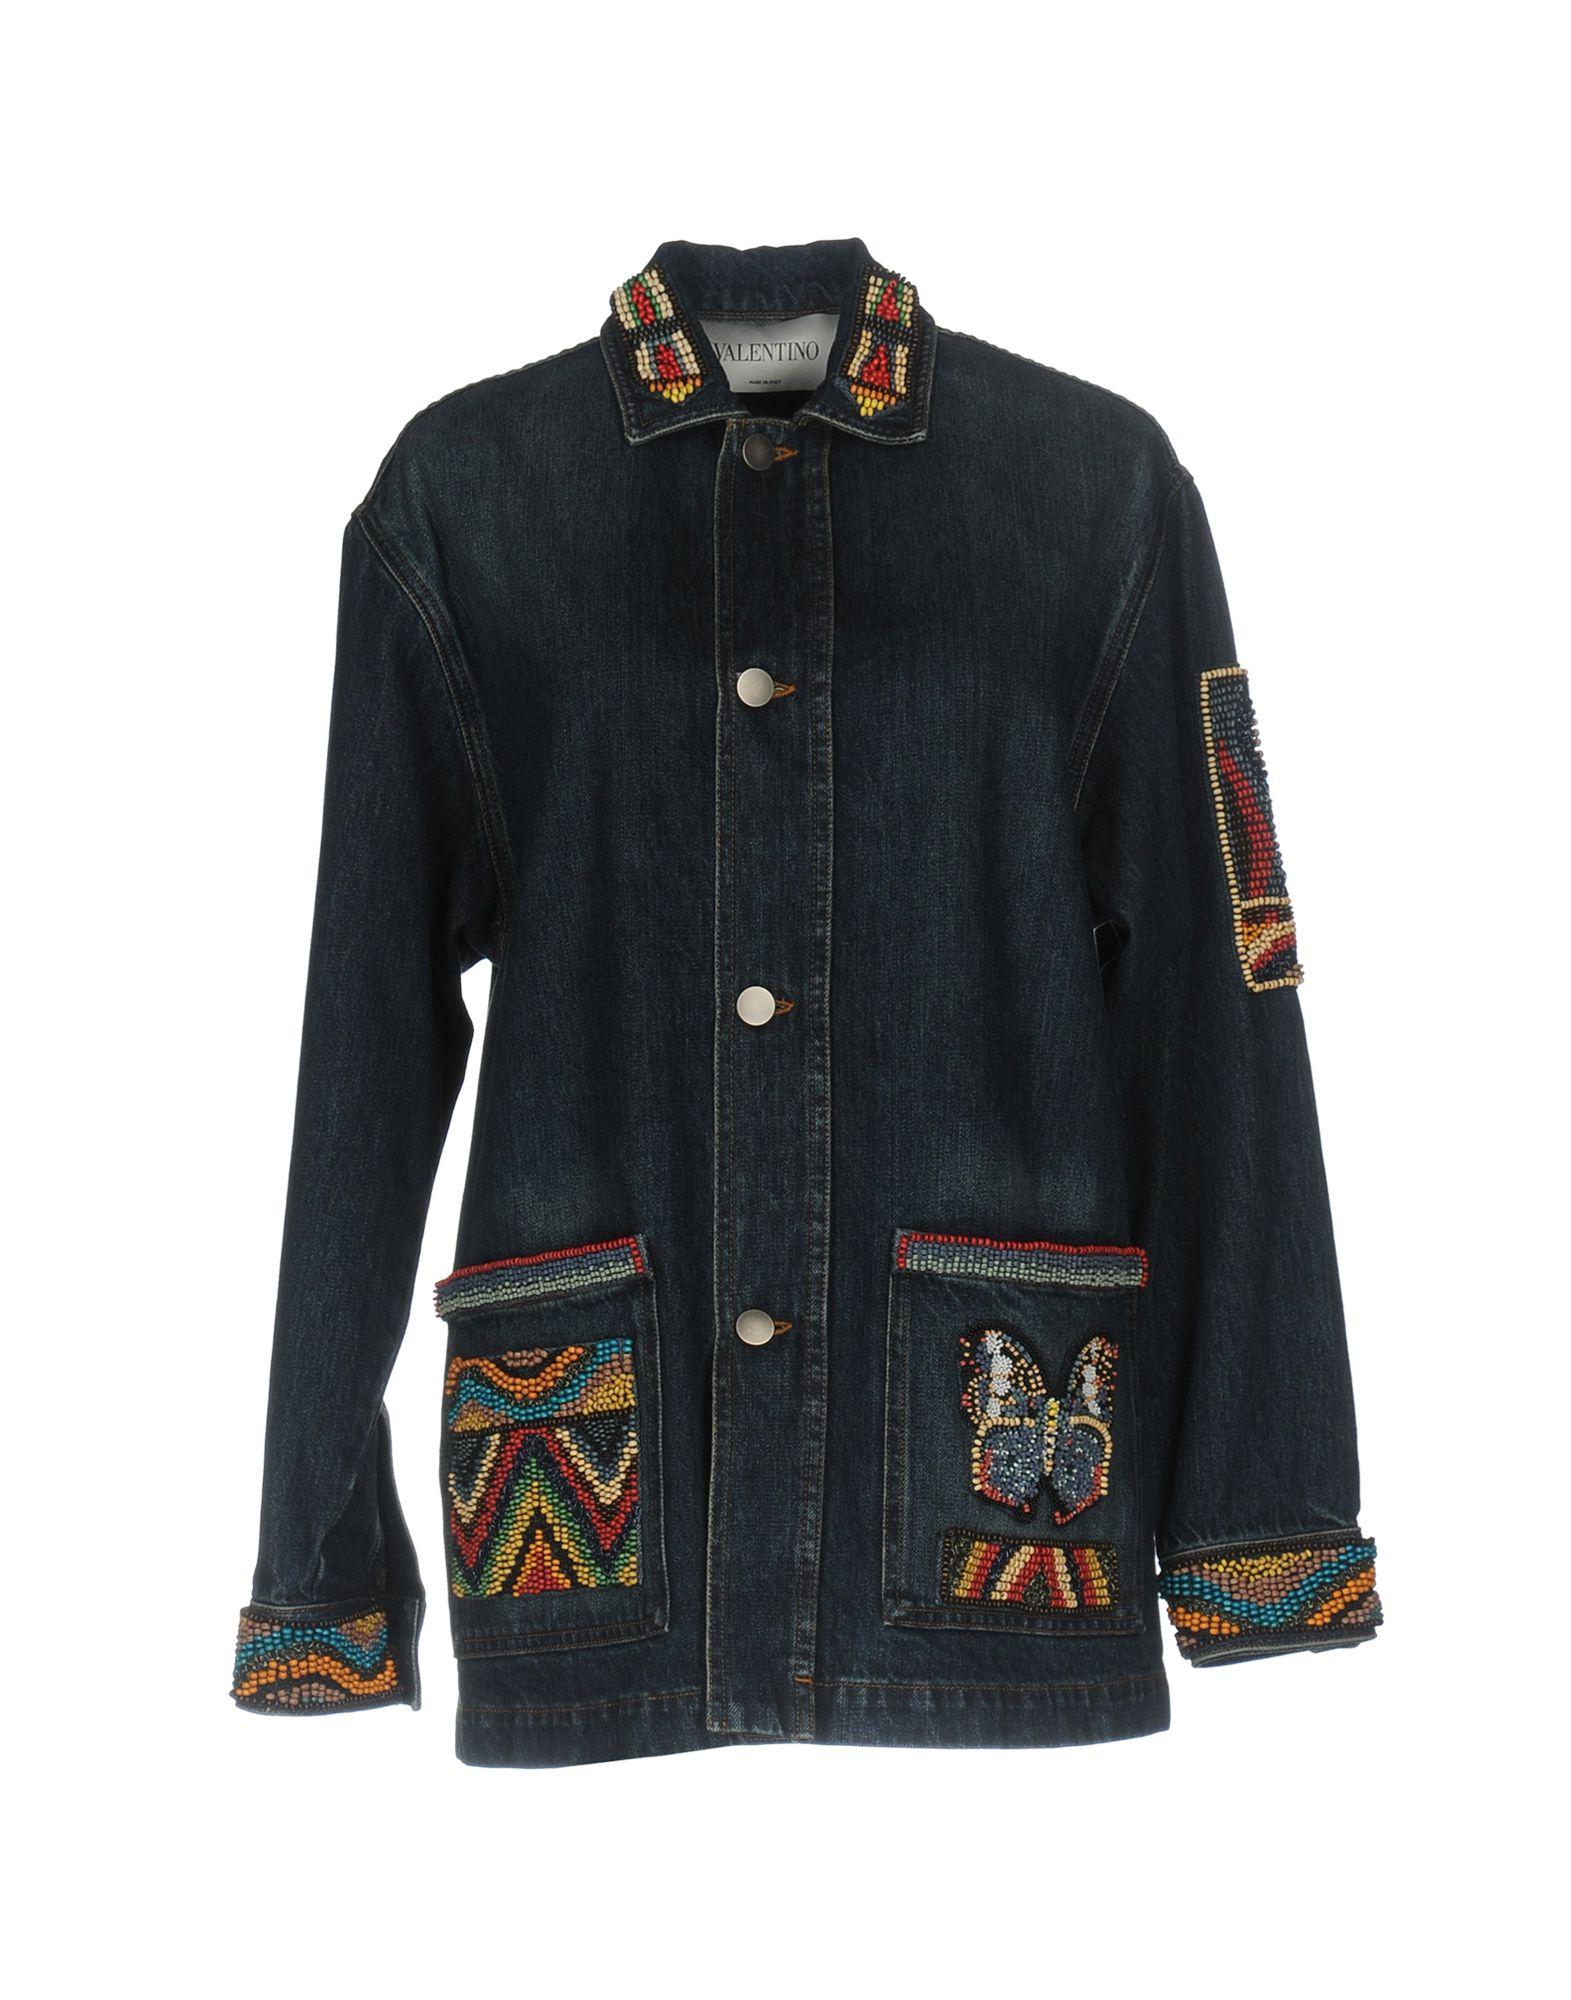 VALENTINO Джинсовая верхняя одежда